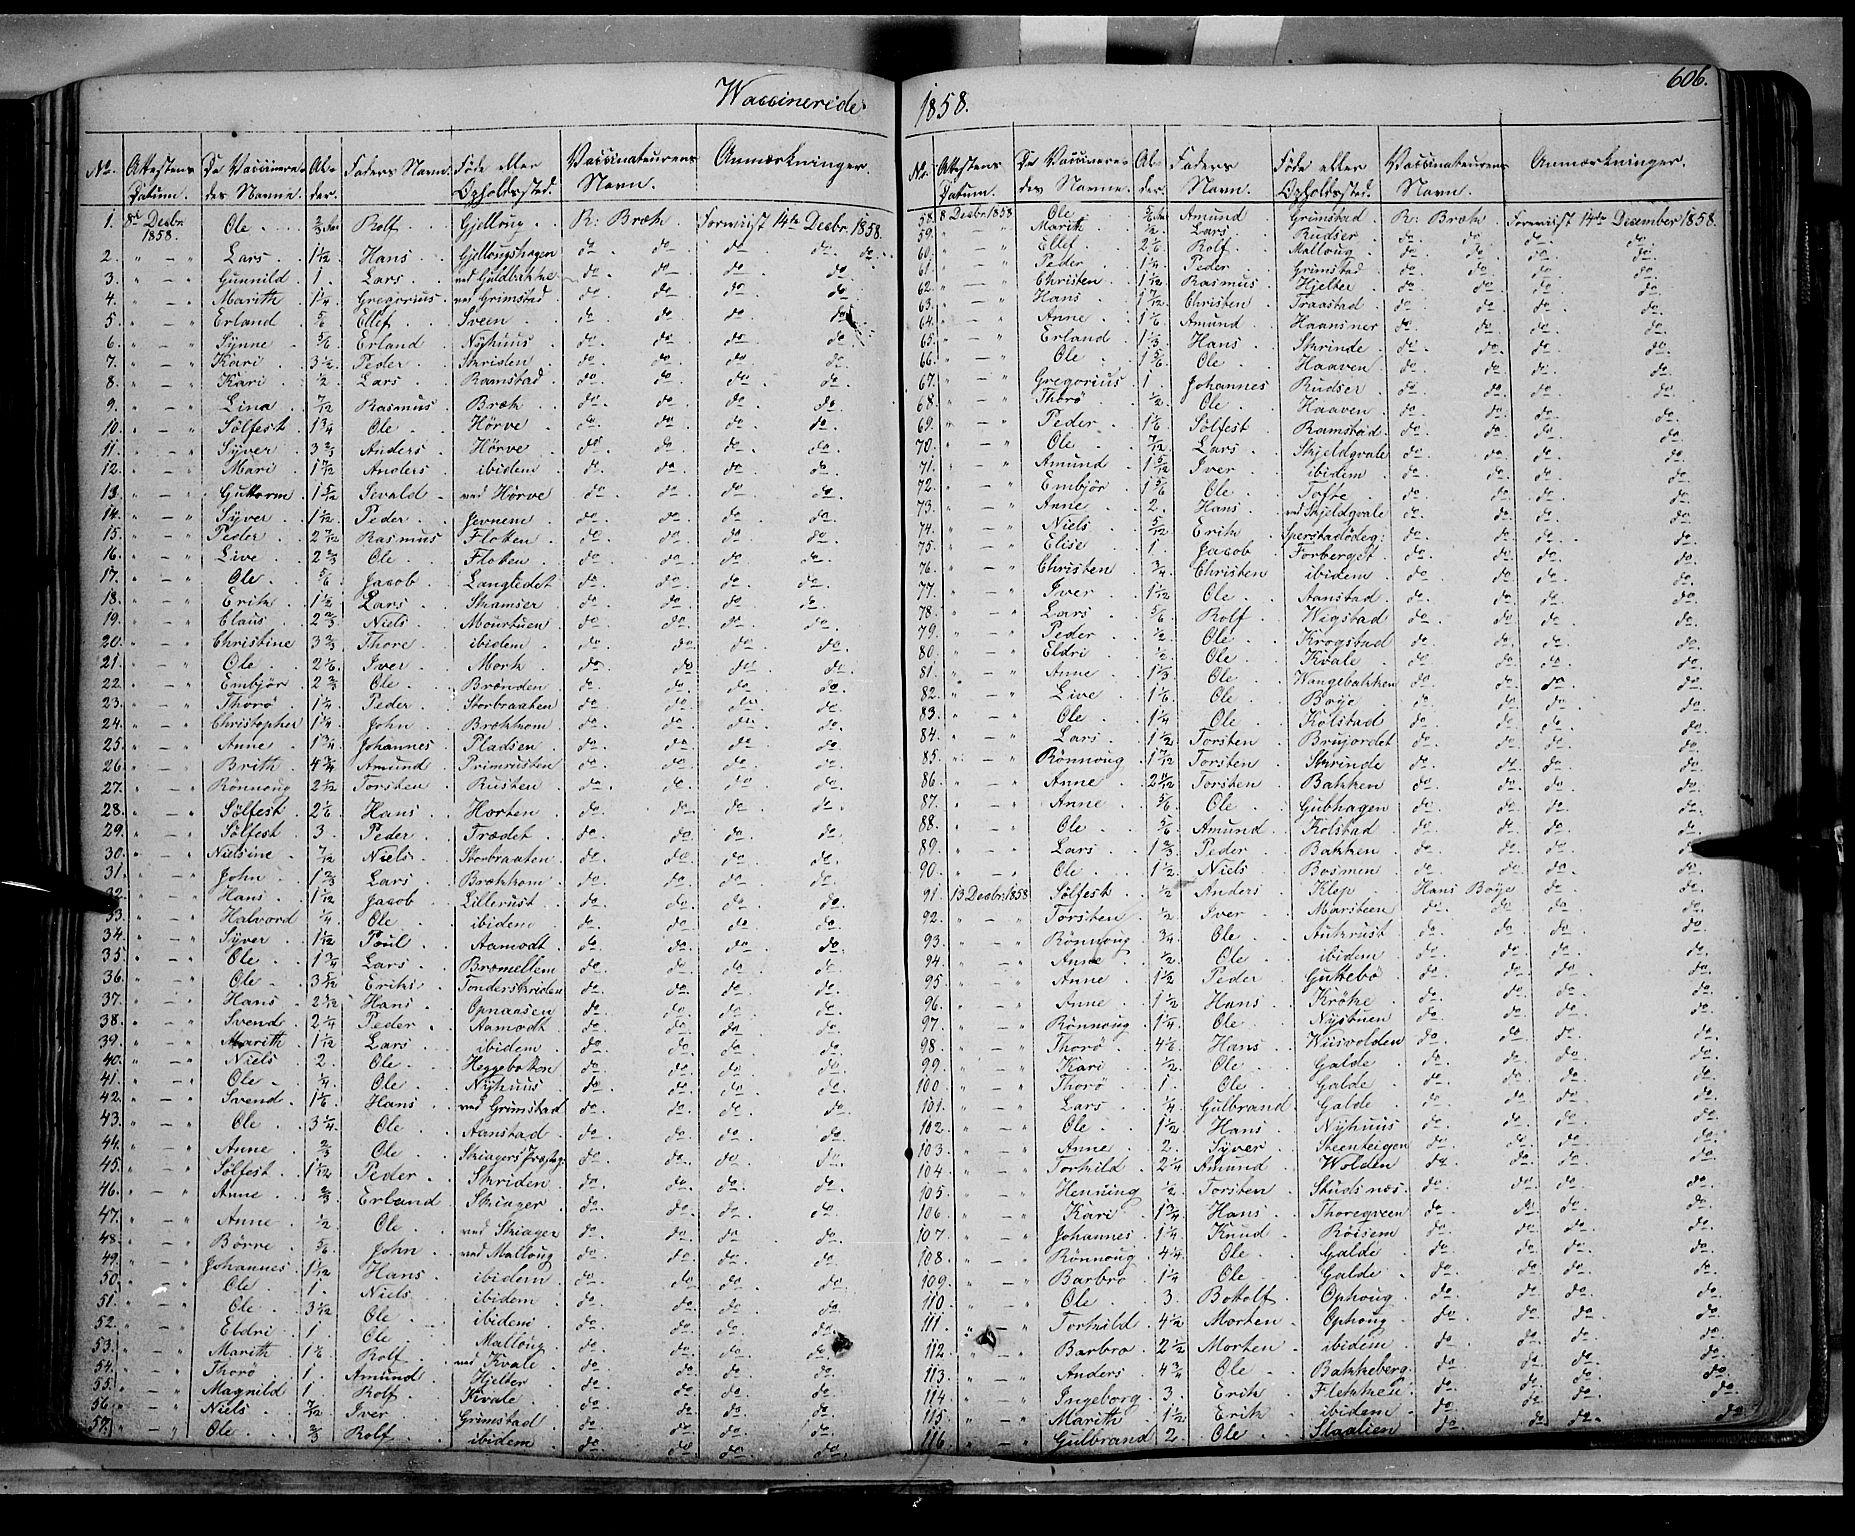 SAH, Lom prestekontor, K/L0006: Ministerialbok nr. 6B, 1837-1863, s. 606